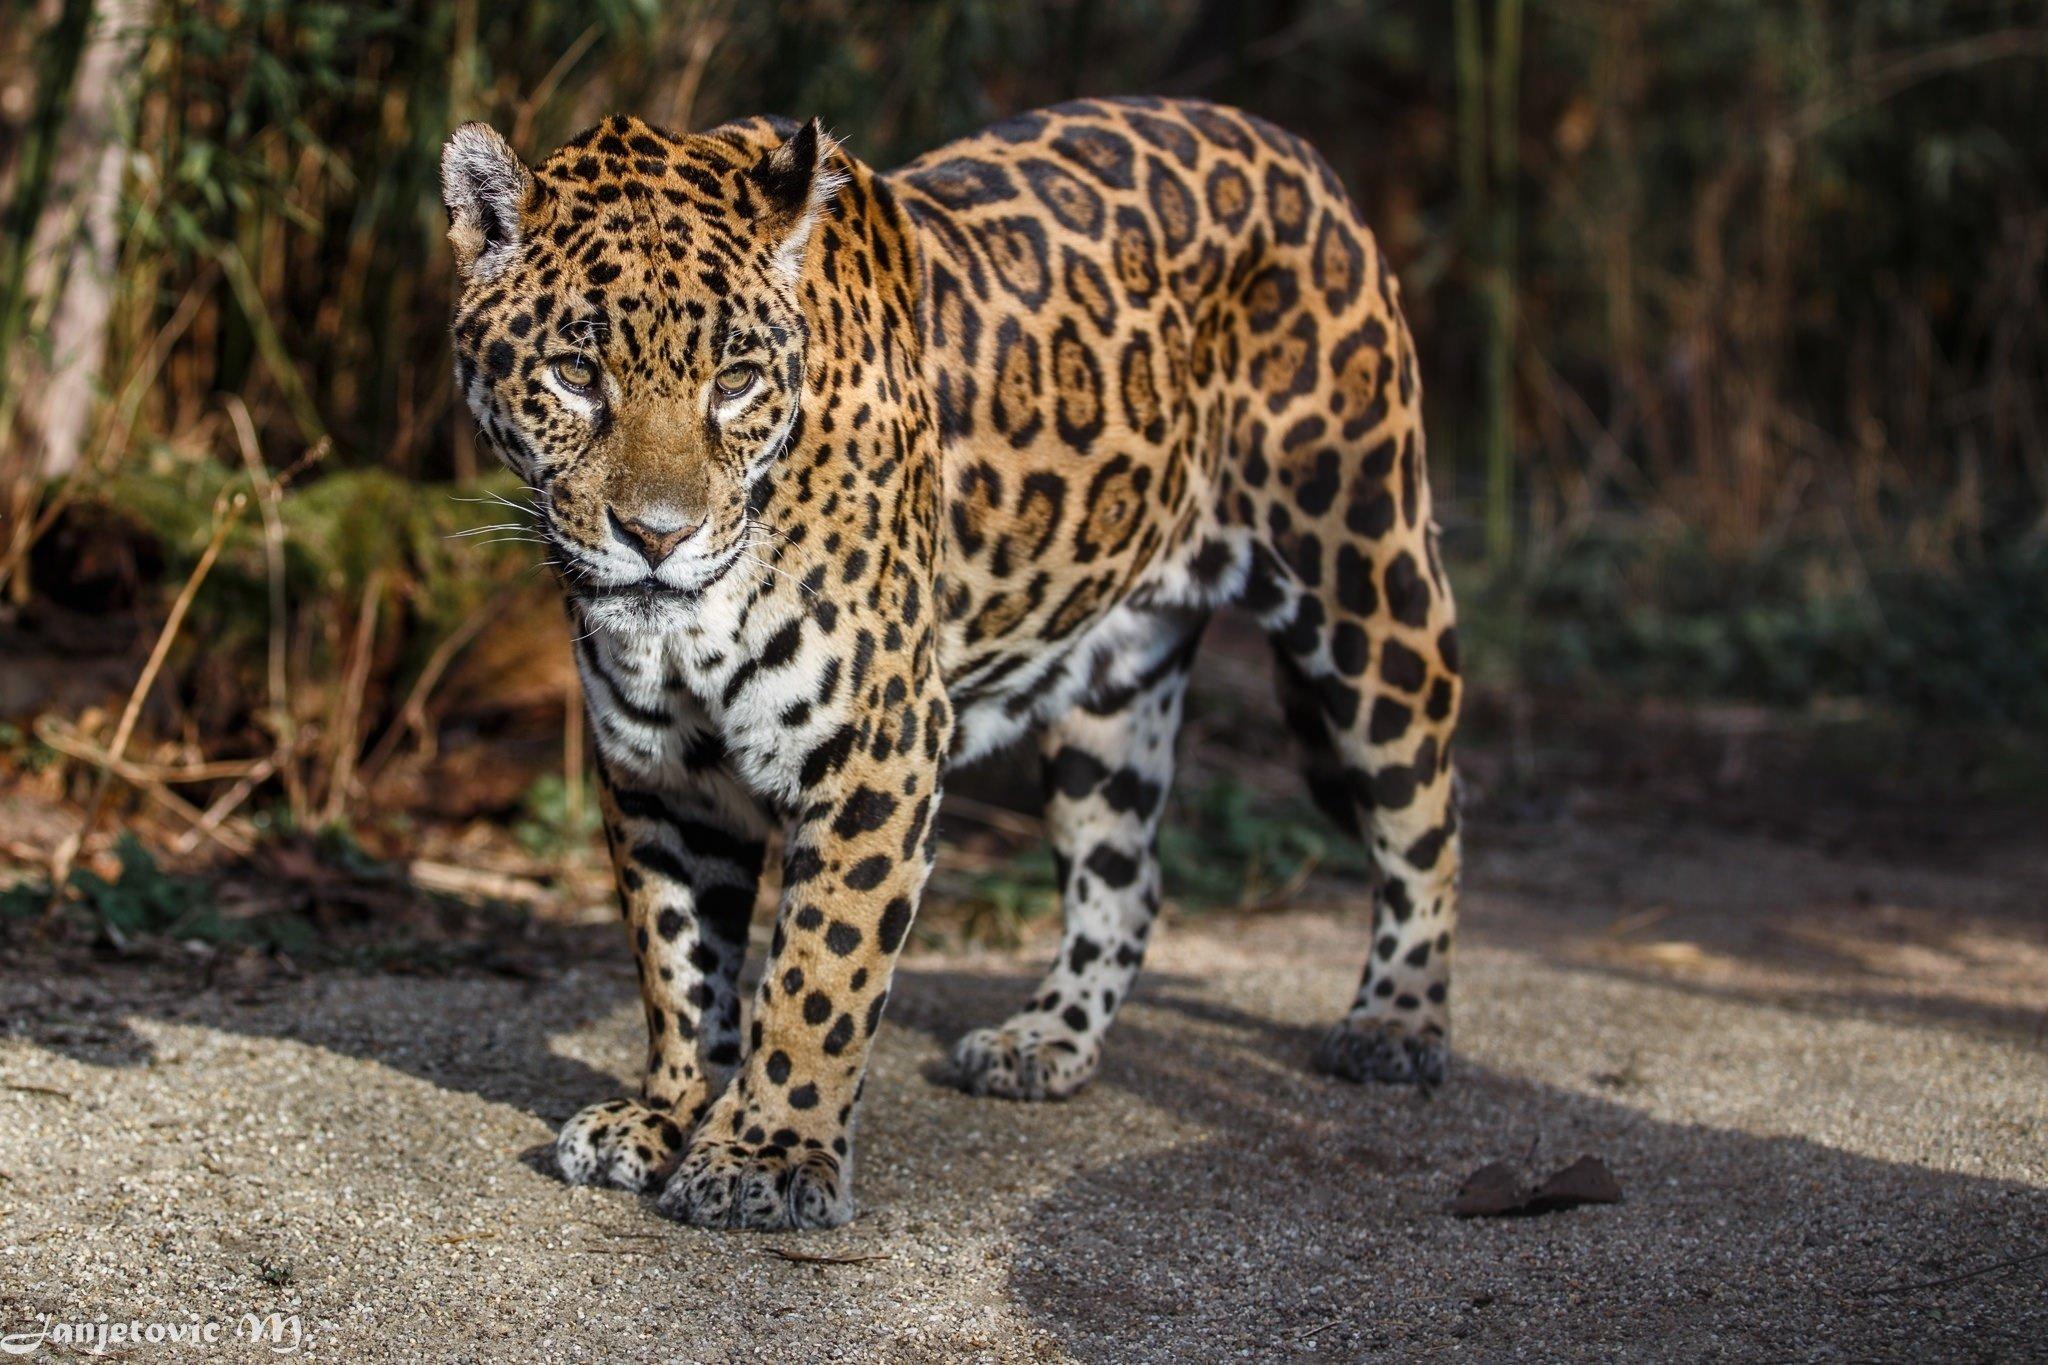 jaguar vs leopard size